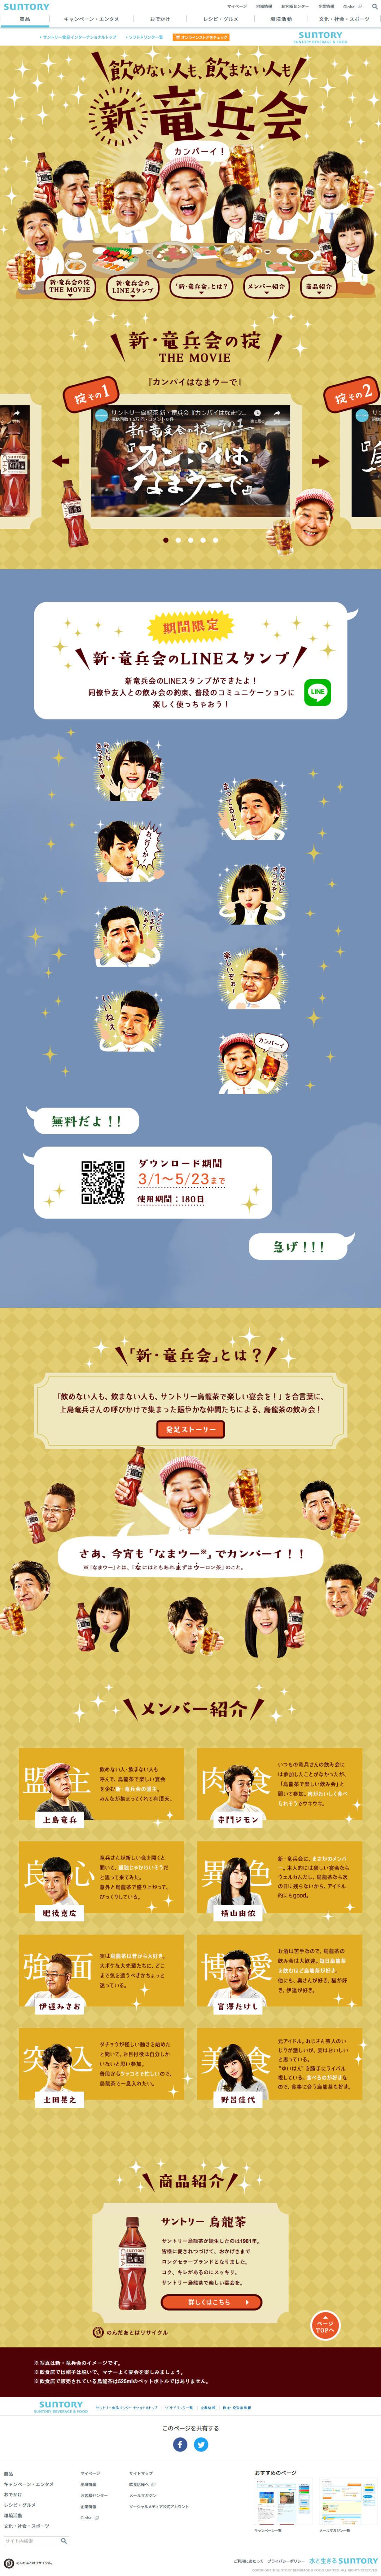 上島竜兵が『新・竜兵会』を結成!?